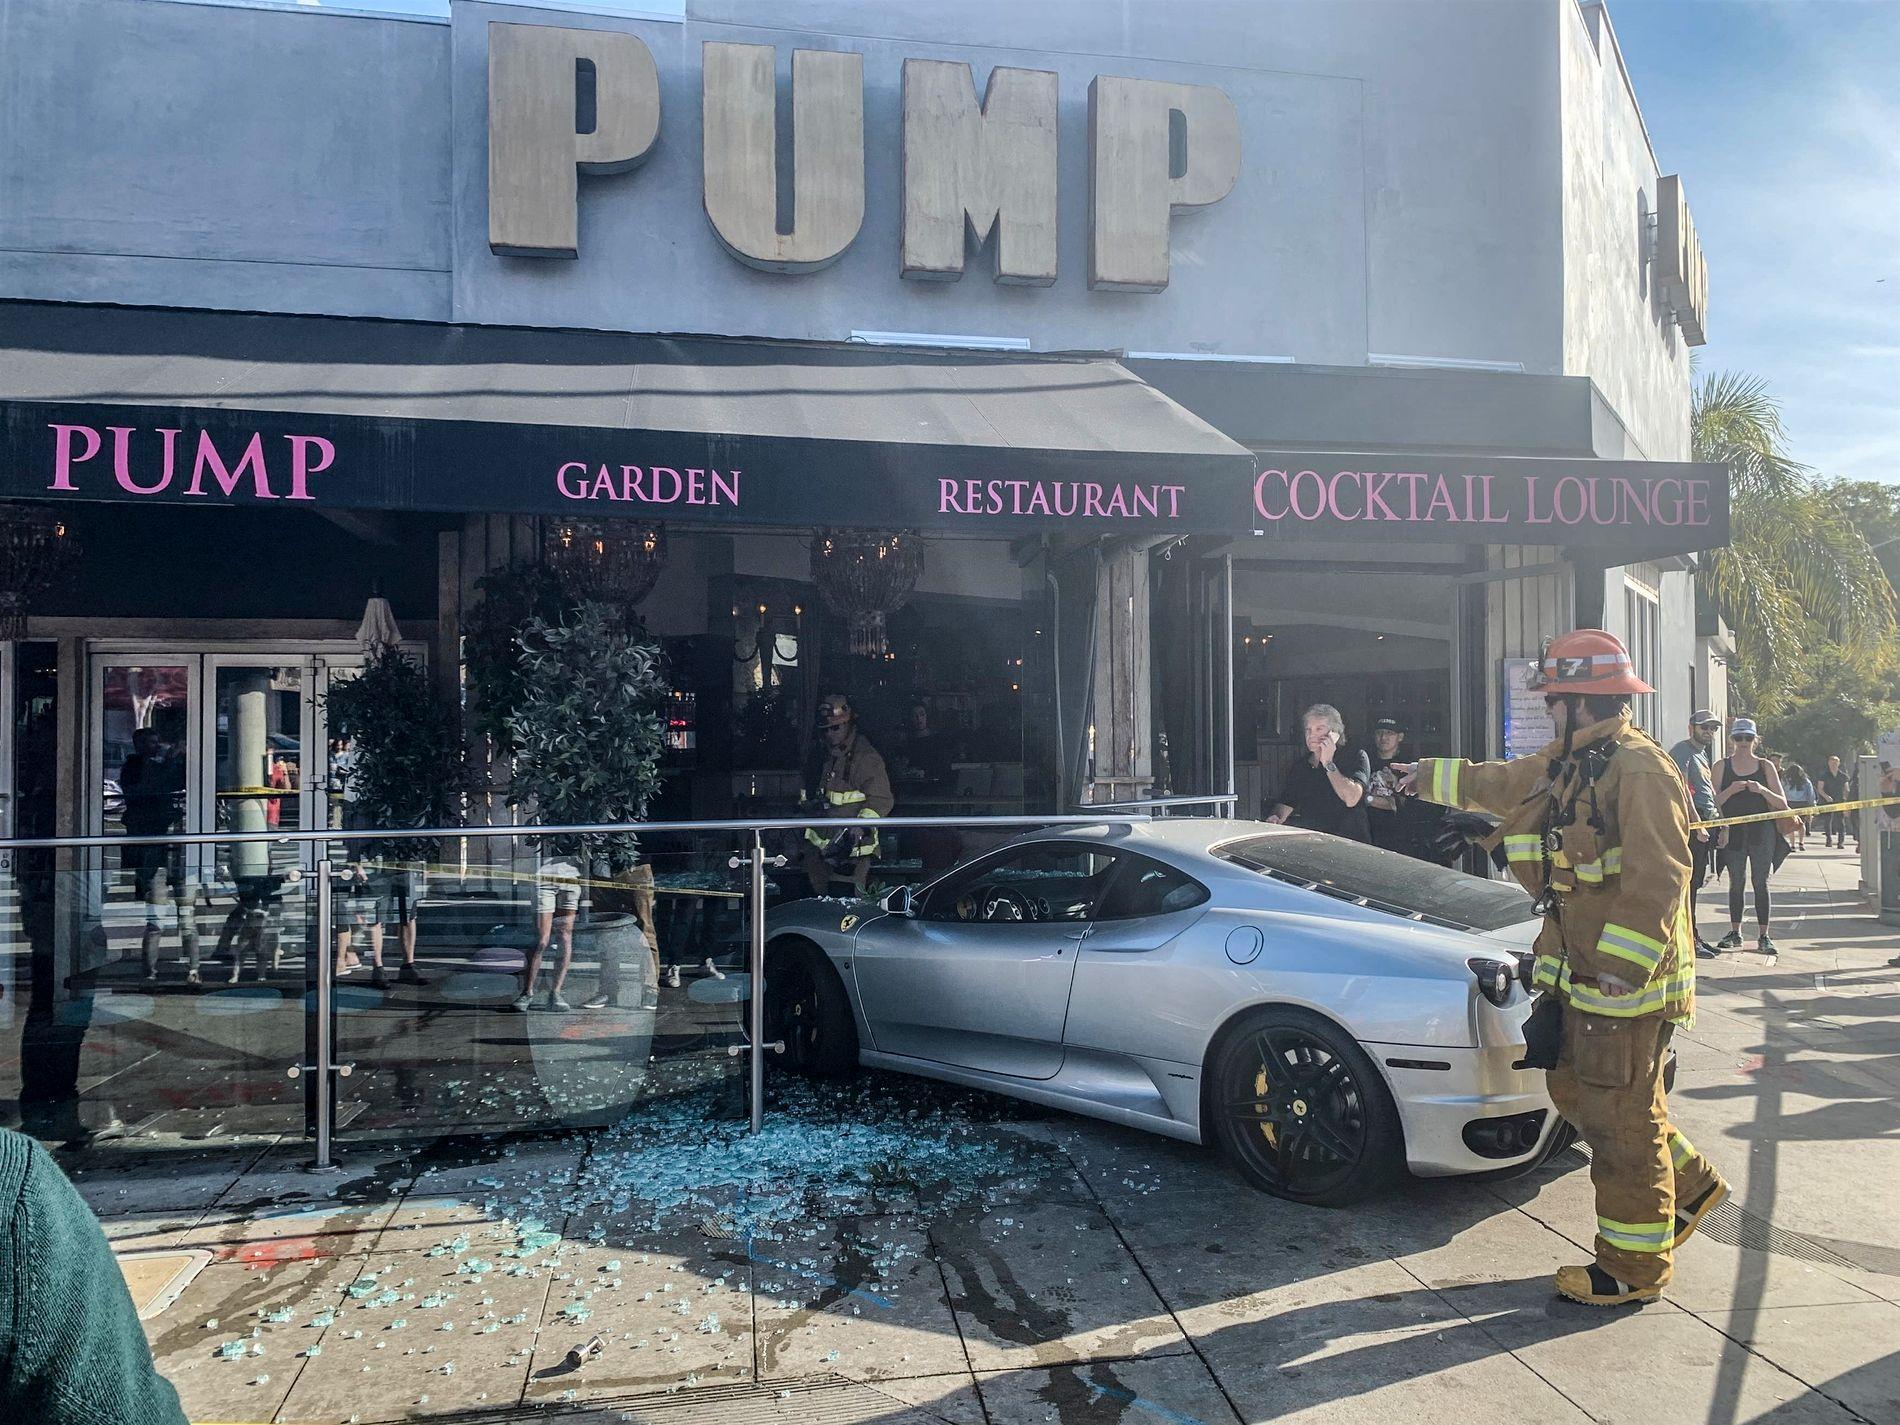 Fikk Ferrari i restauranten